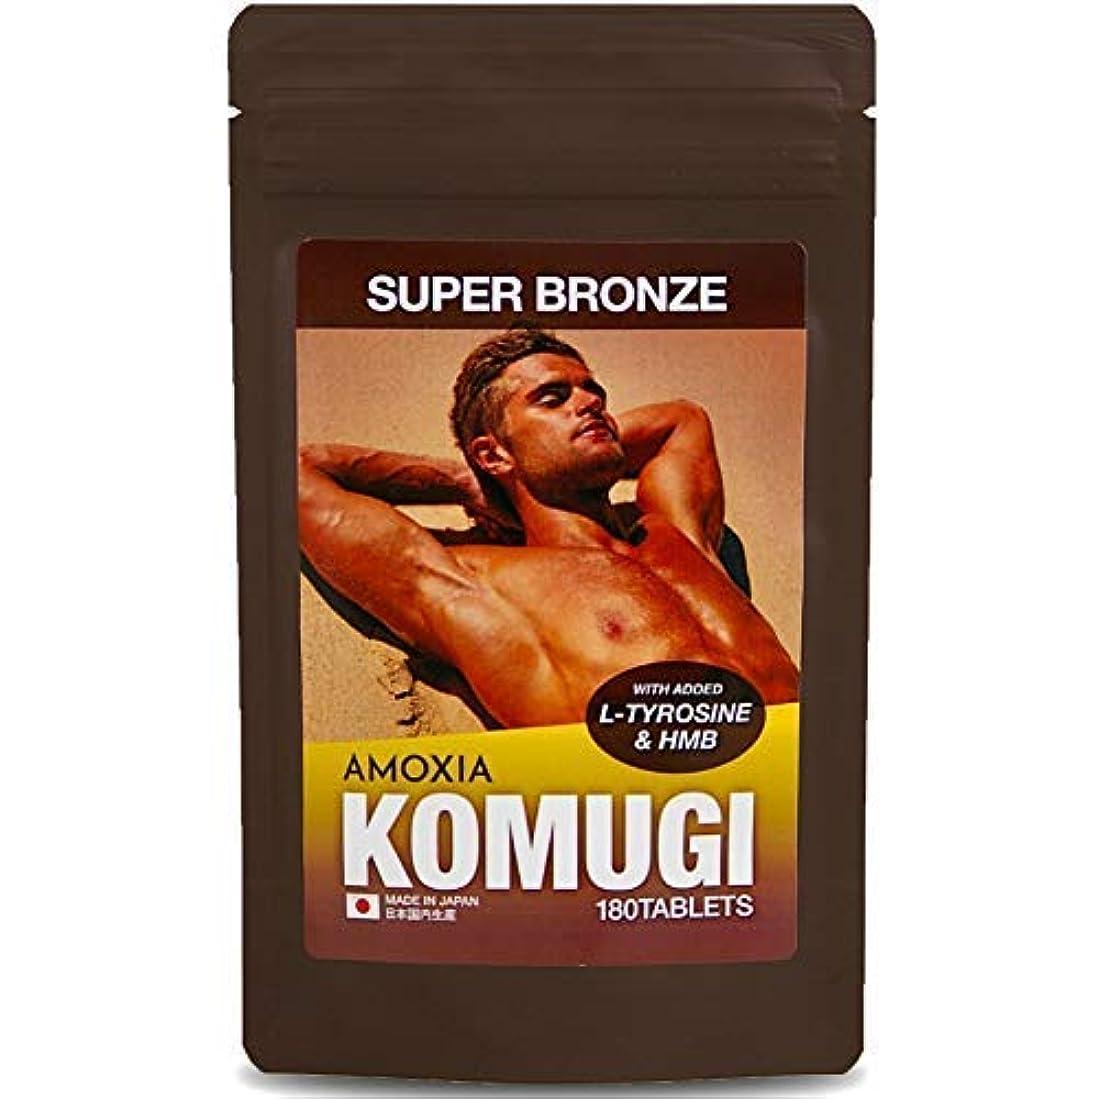 光沢活性化関係KOMUGI 日焼けと筋肉増強で新発想の飲むタンニング タンニングサプリメント 安心の国産 HMB配合 国産シェア100%